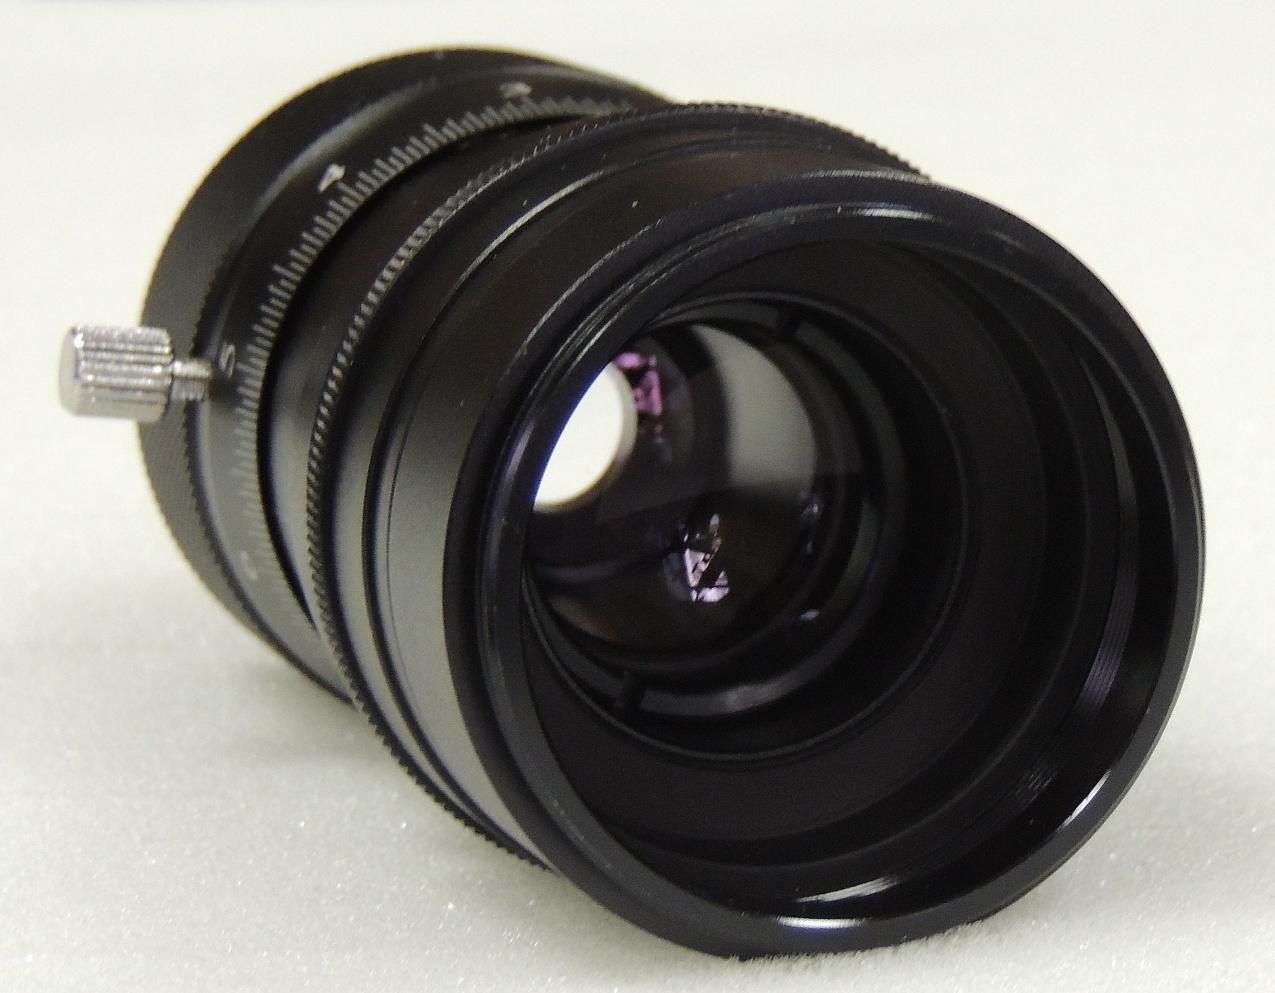 Zeiss ikon kameras objektive zubehör online bei kusera kaufen